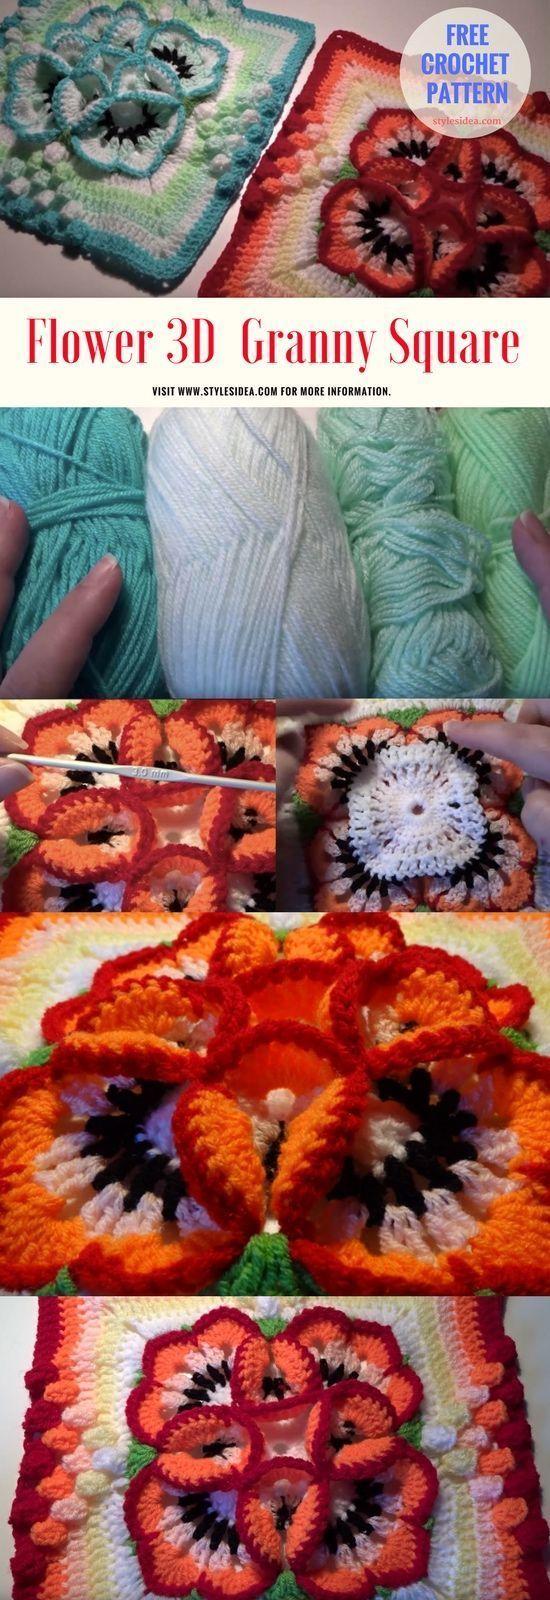 Flower 3D Crochet Granny Square - #crochet #freepattern #flowers #crochetedflowers